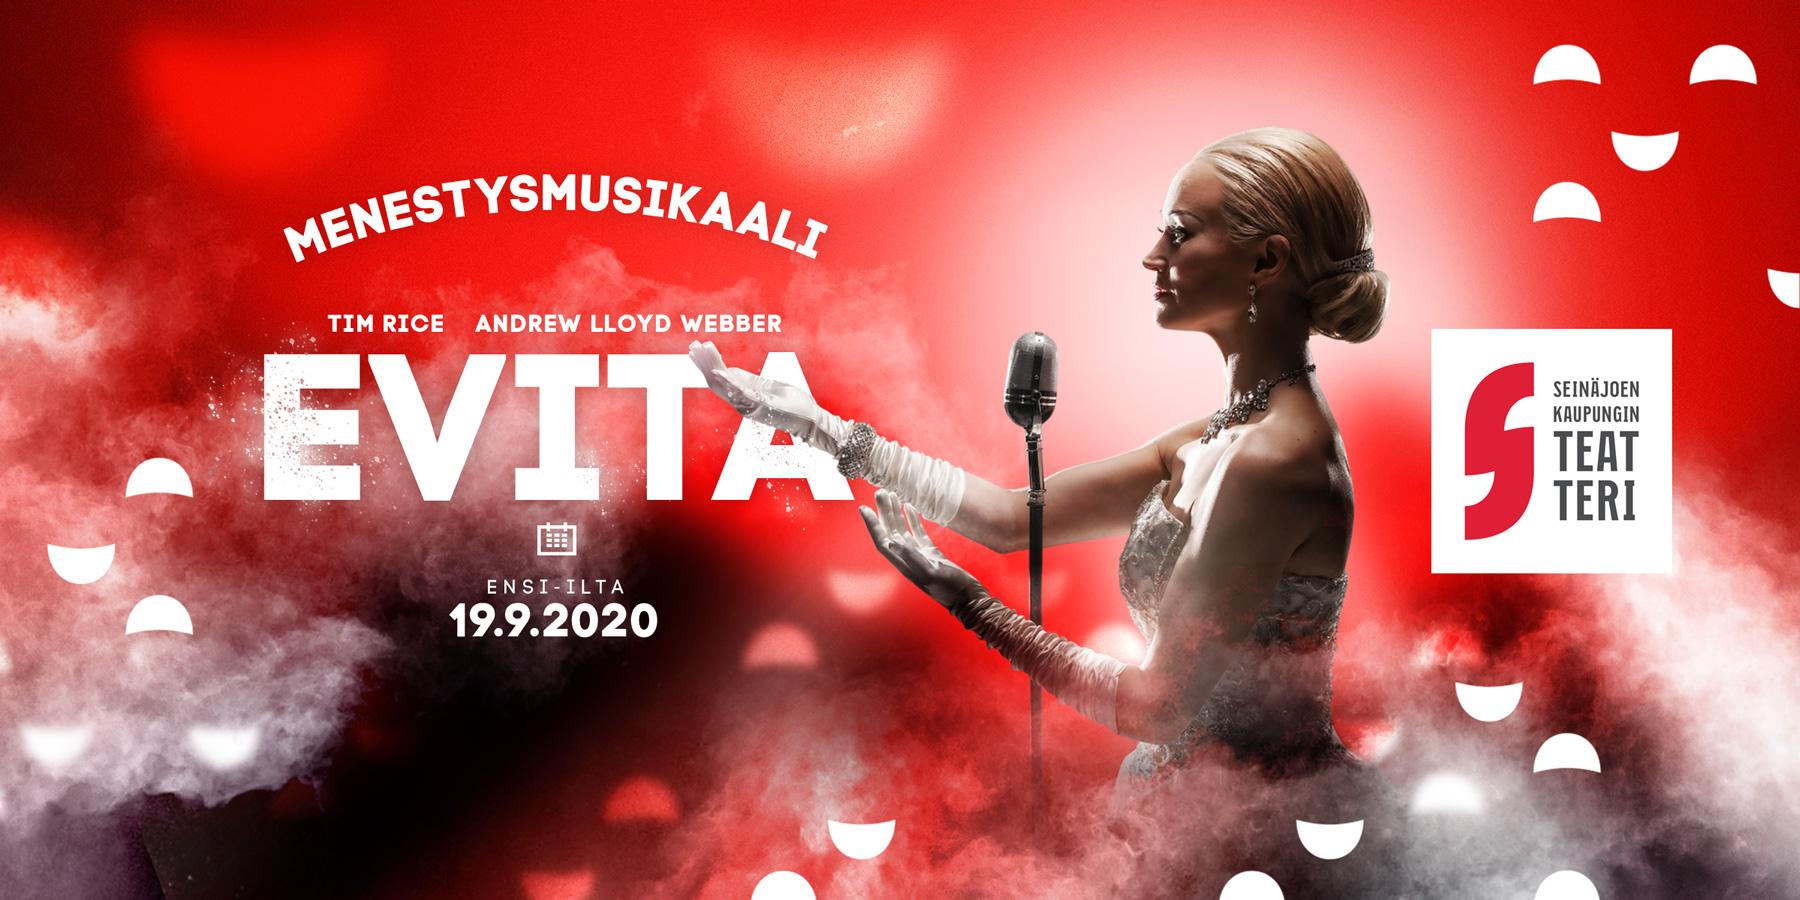 Marko mukaan EVITA musikaaliin! Ensi-ilta 19.9.2020